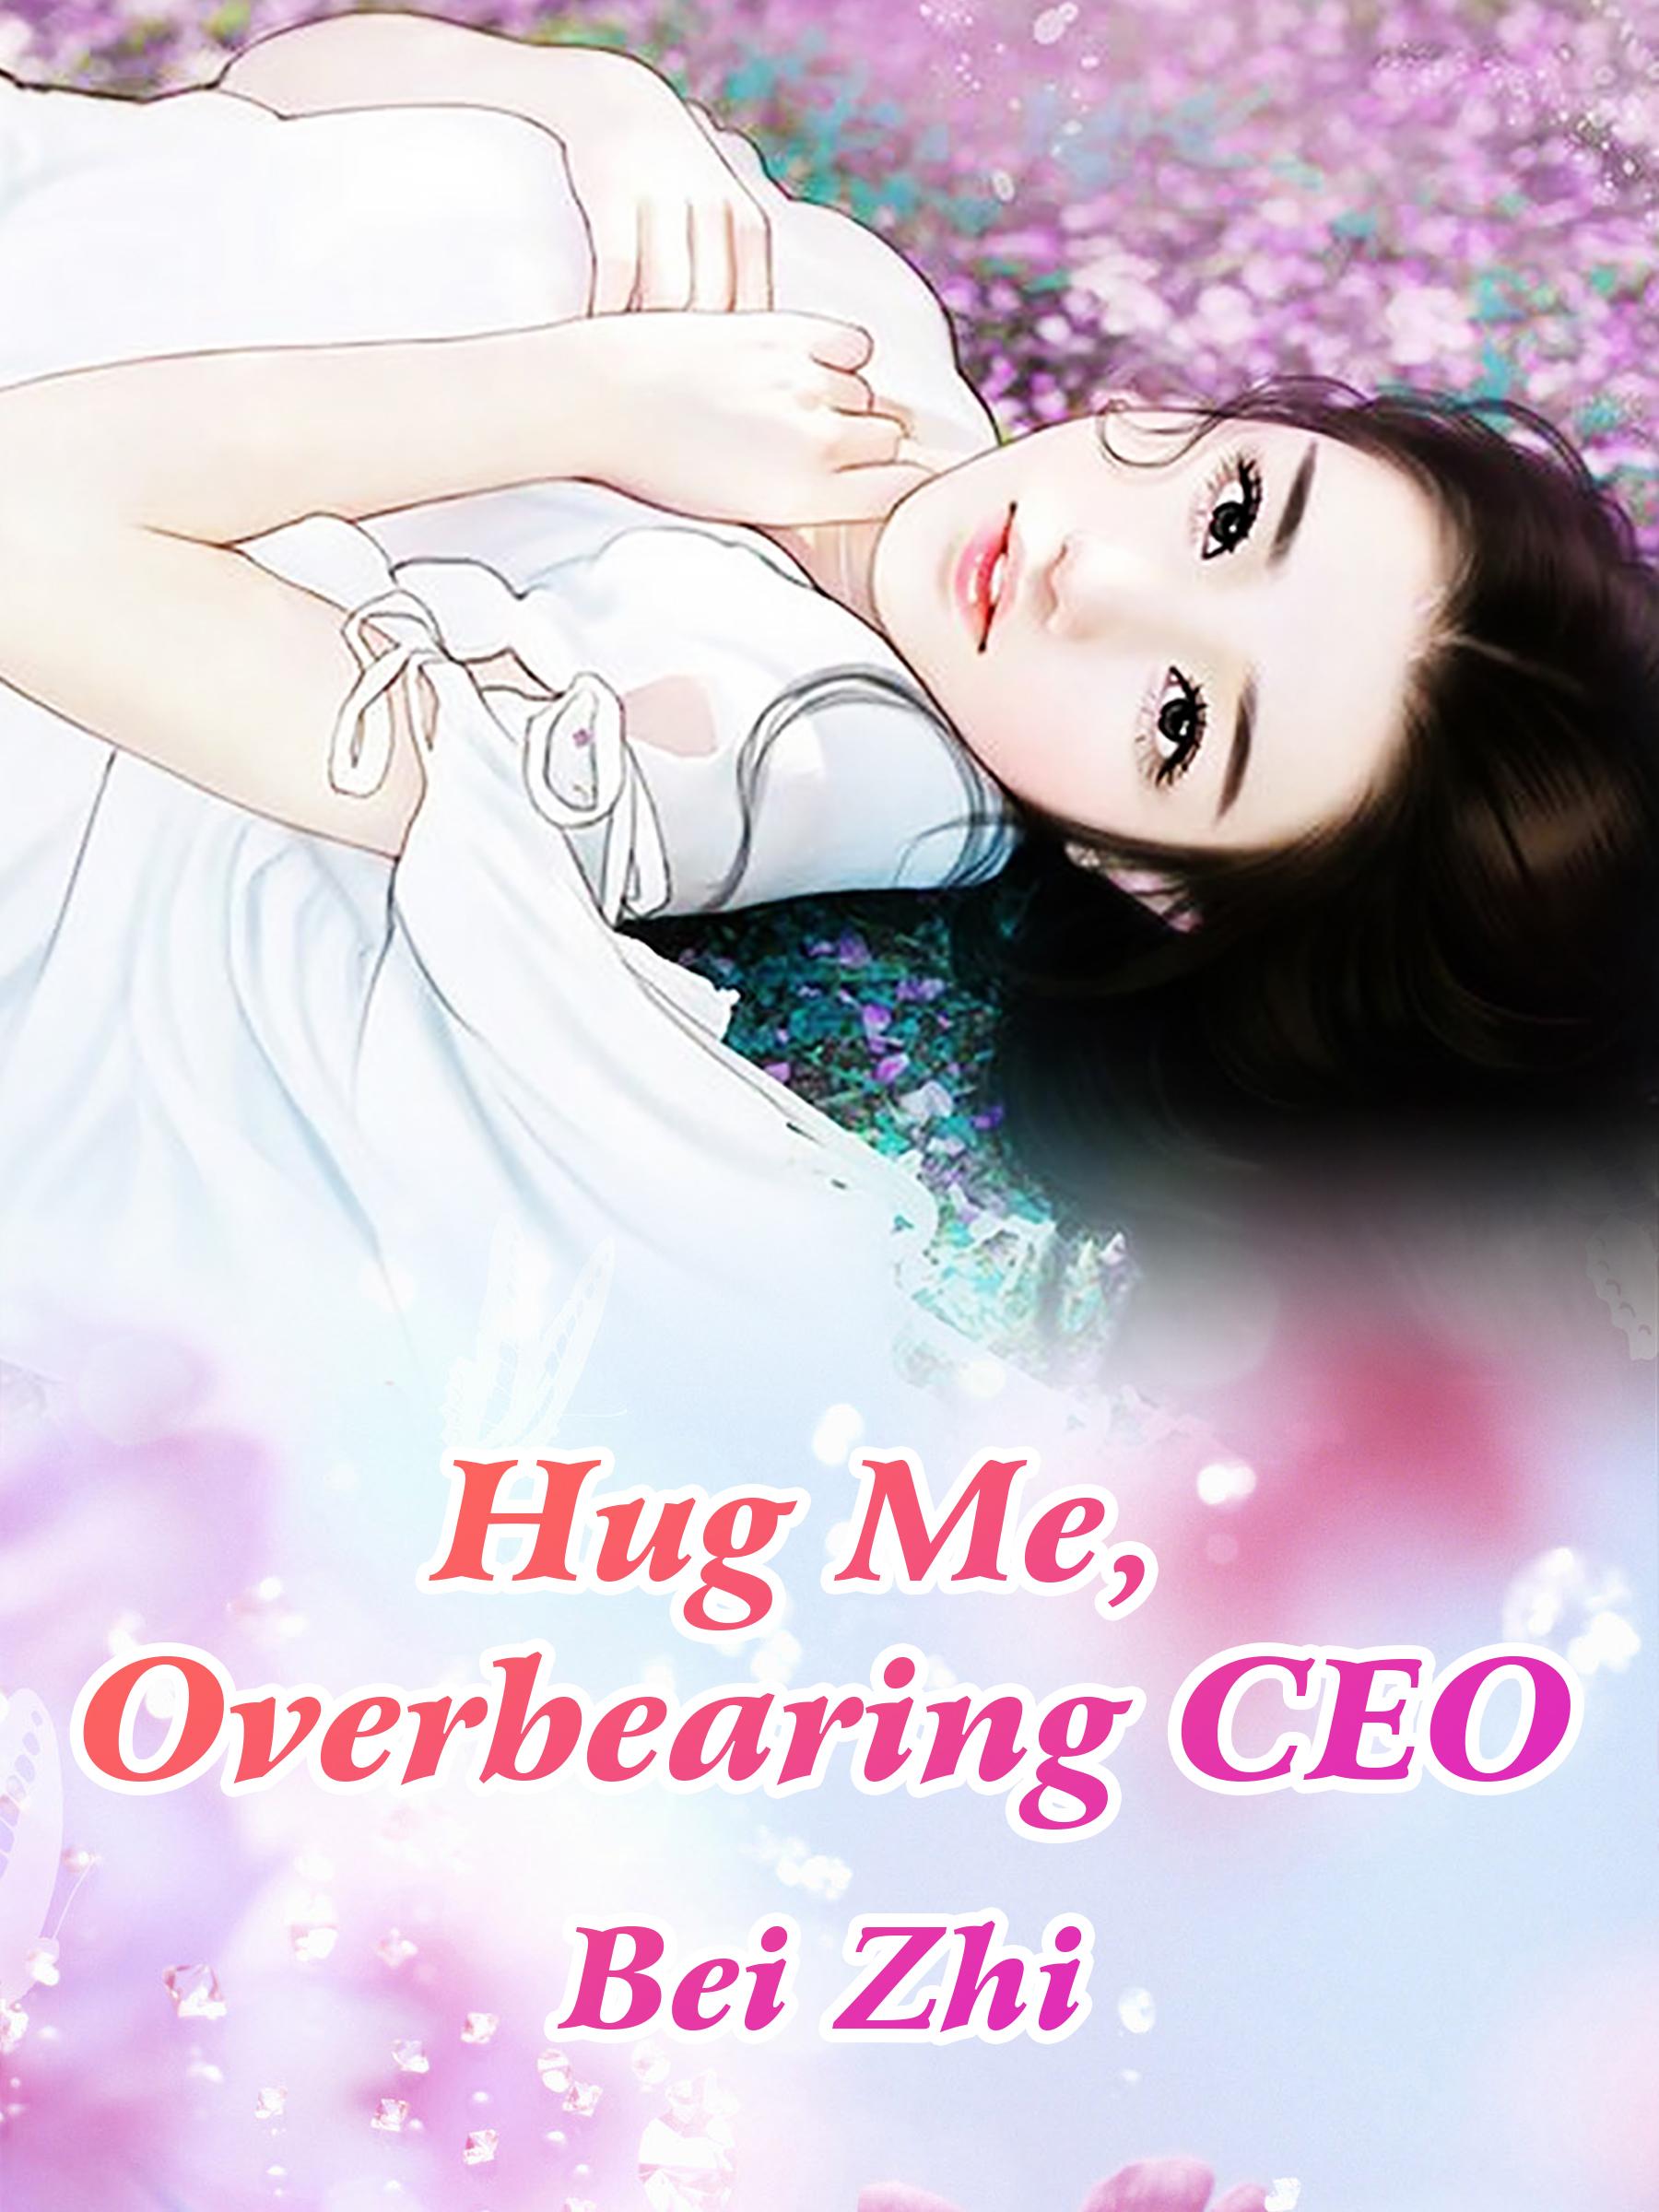 Hug Me, Overbearing CEO Novel Chapter 26 To 30 PDF